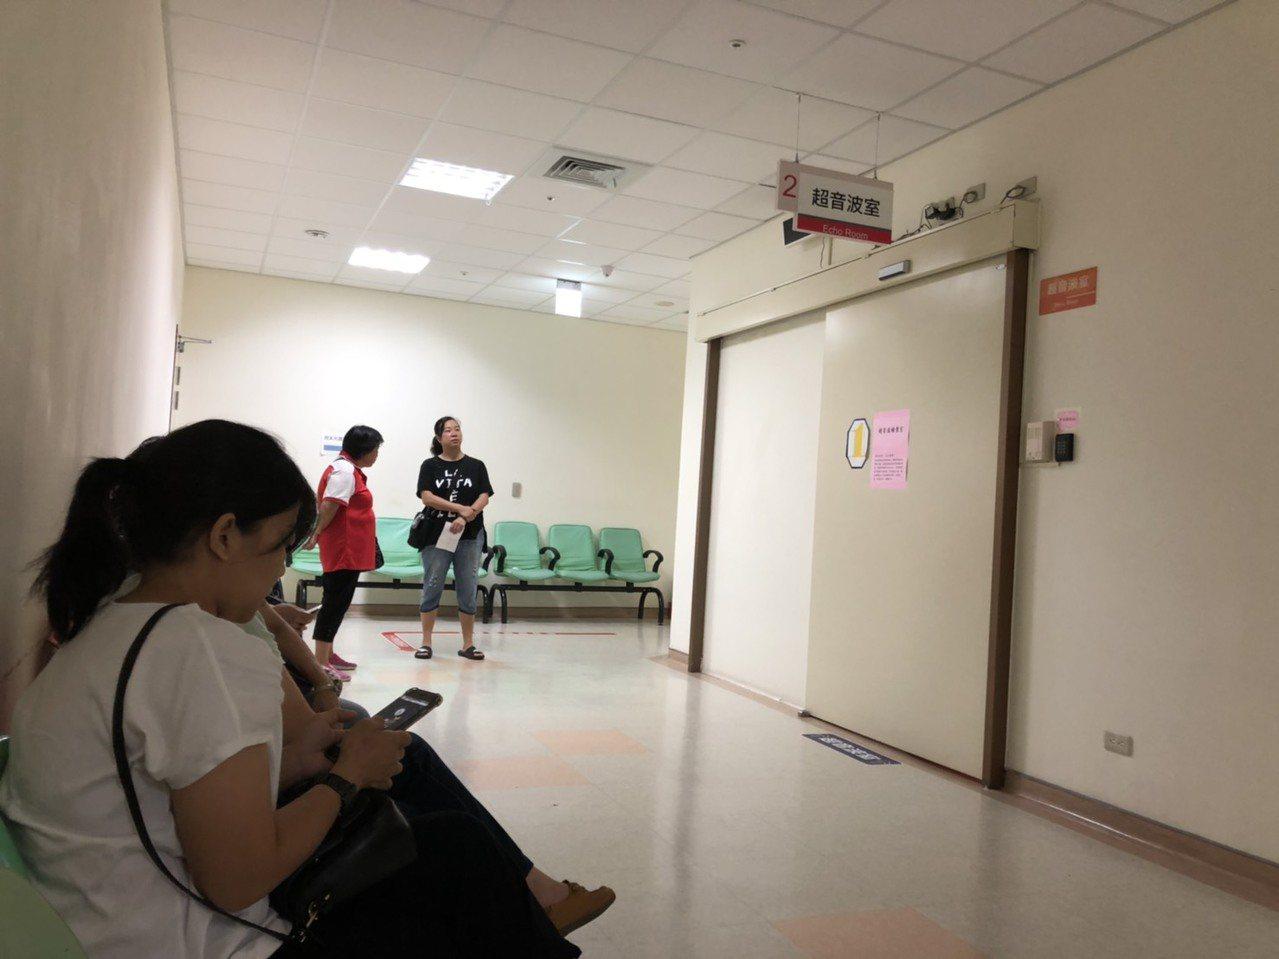 金門醫院的冷氣傳出故障多日,連日來不少民眾都是拿著紙張邊搧風邊候診,抱怨好熱喔。...